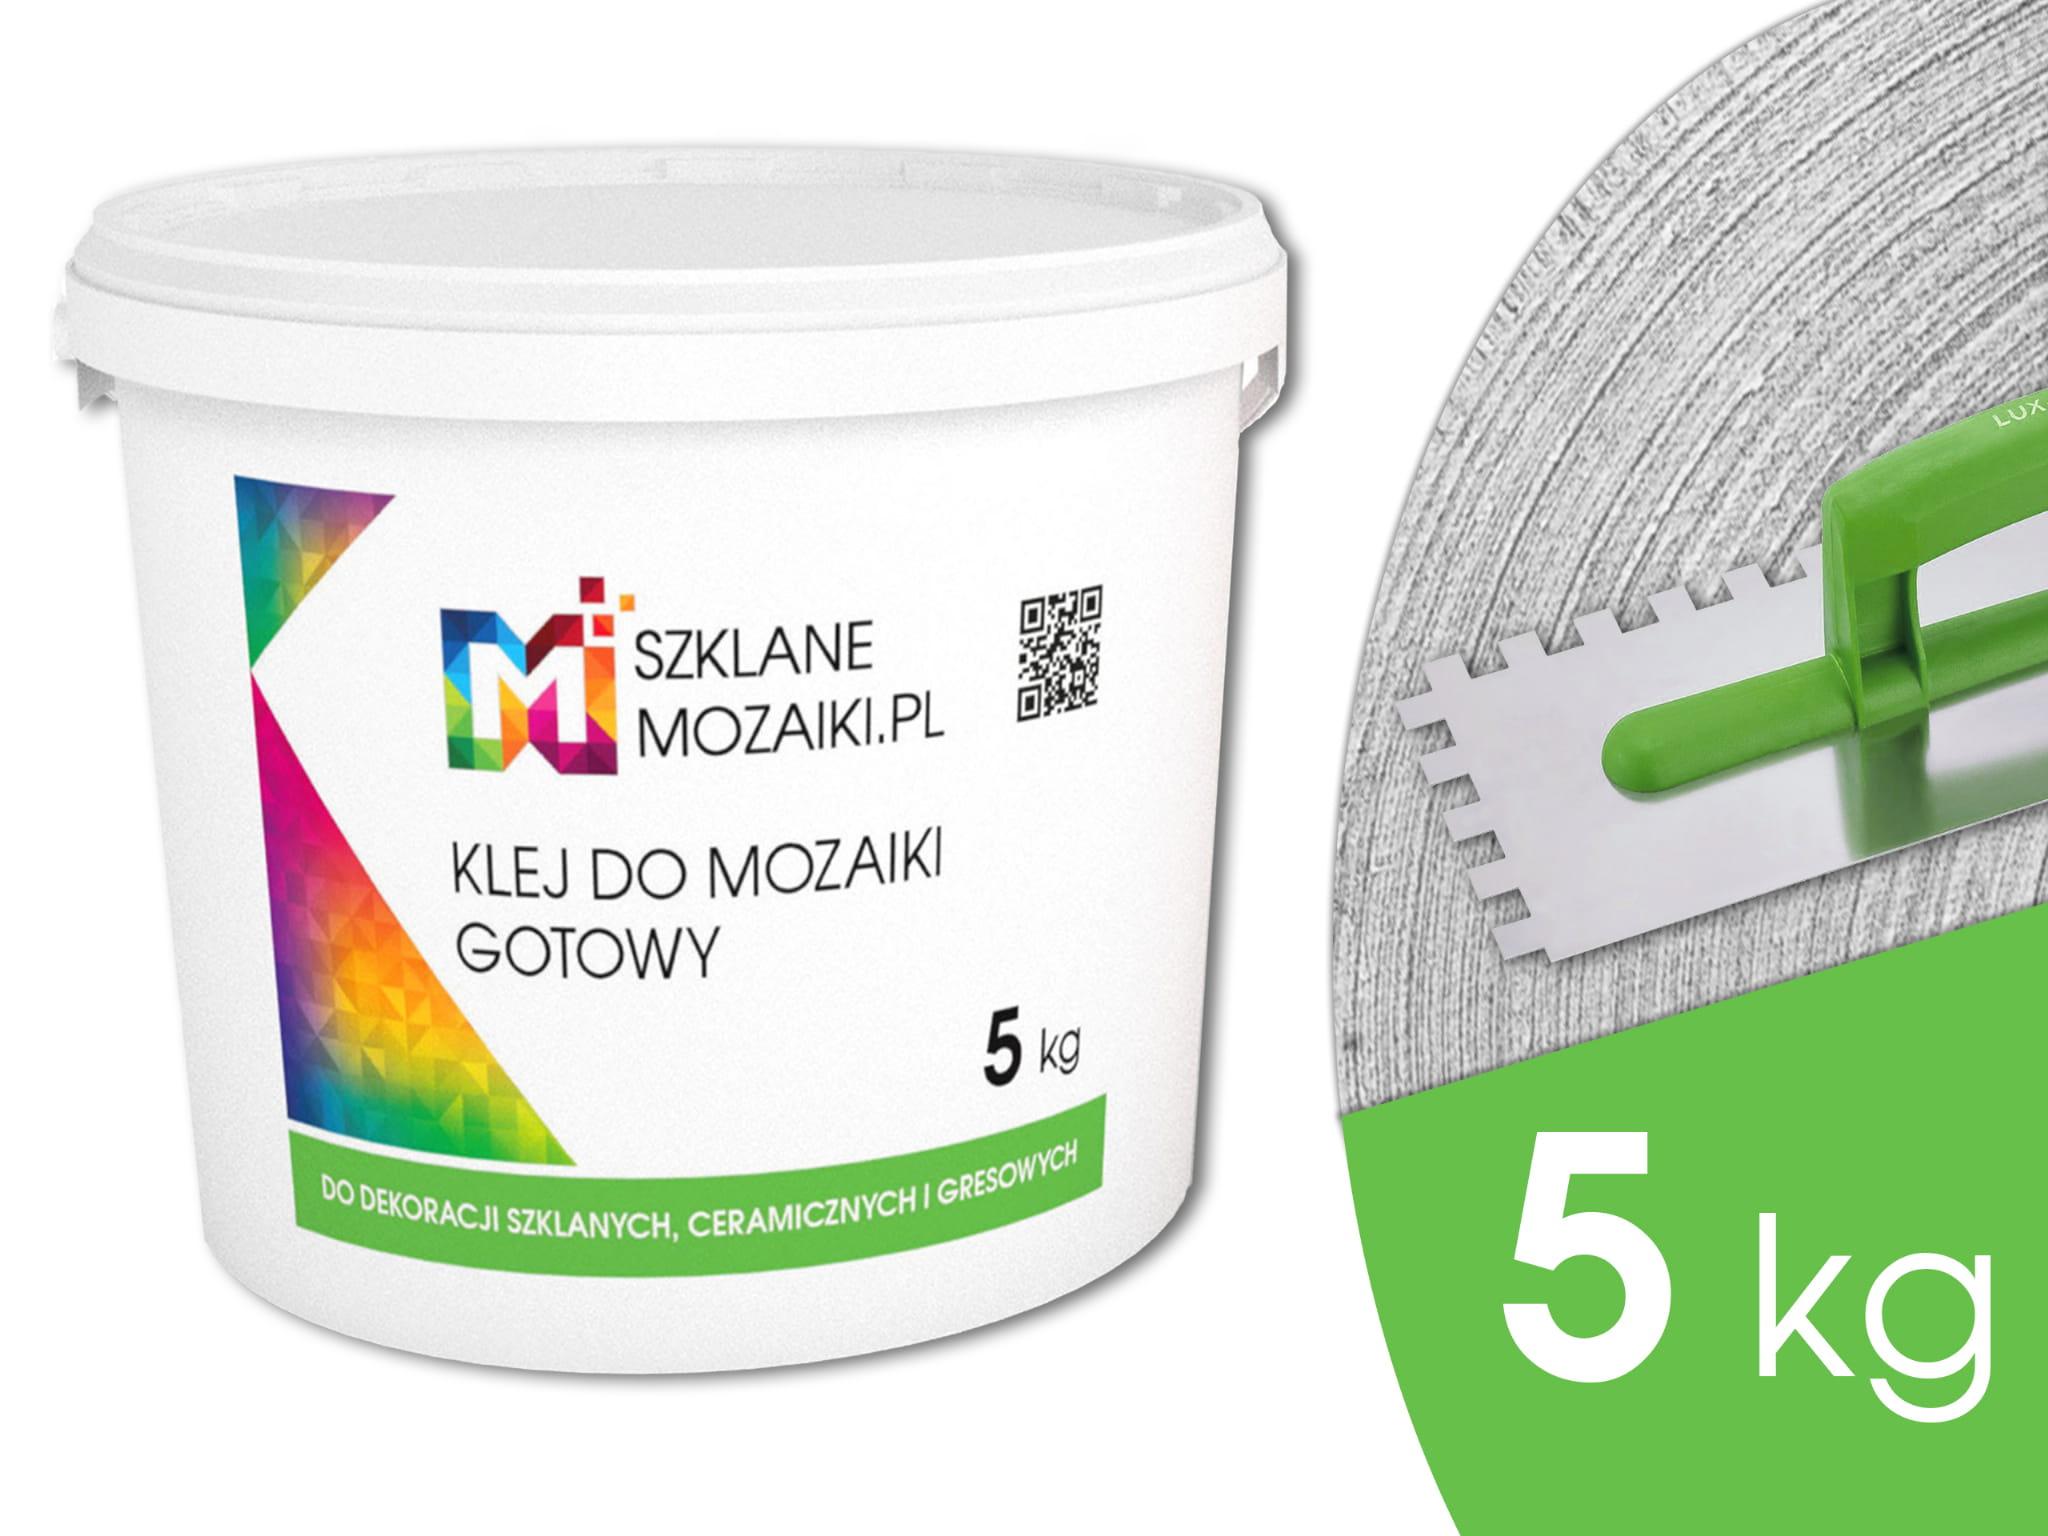 Klej Biały Elastyczny Gotowy 5kg Do Płytek Mozaik Szklanych I Innych